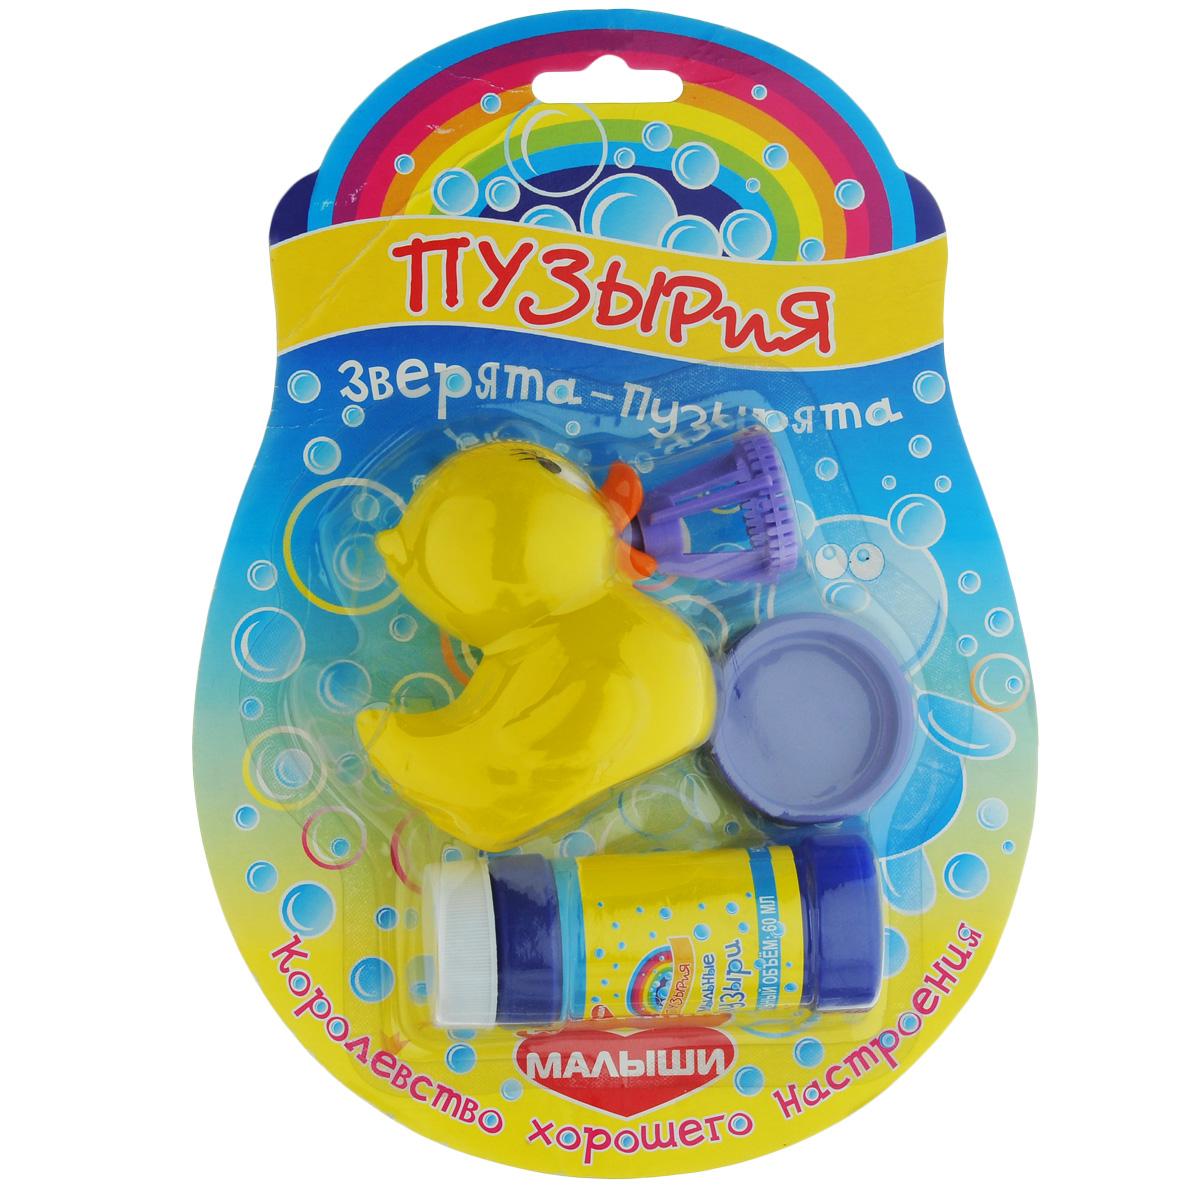 Набор для пускания мыльных пузырей Малыши